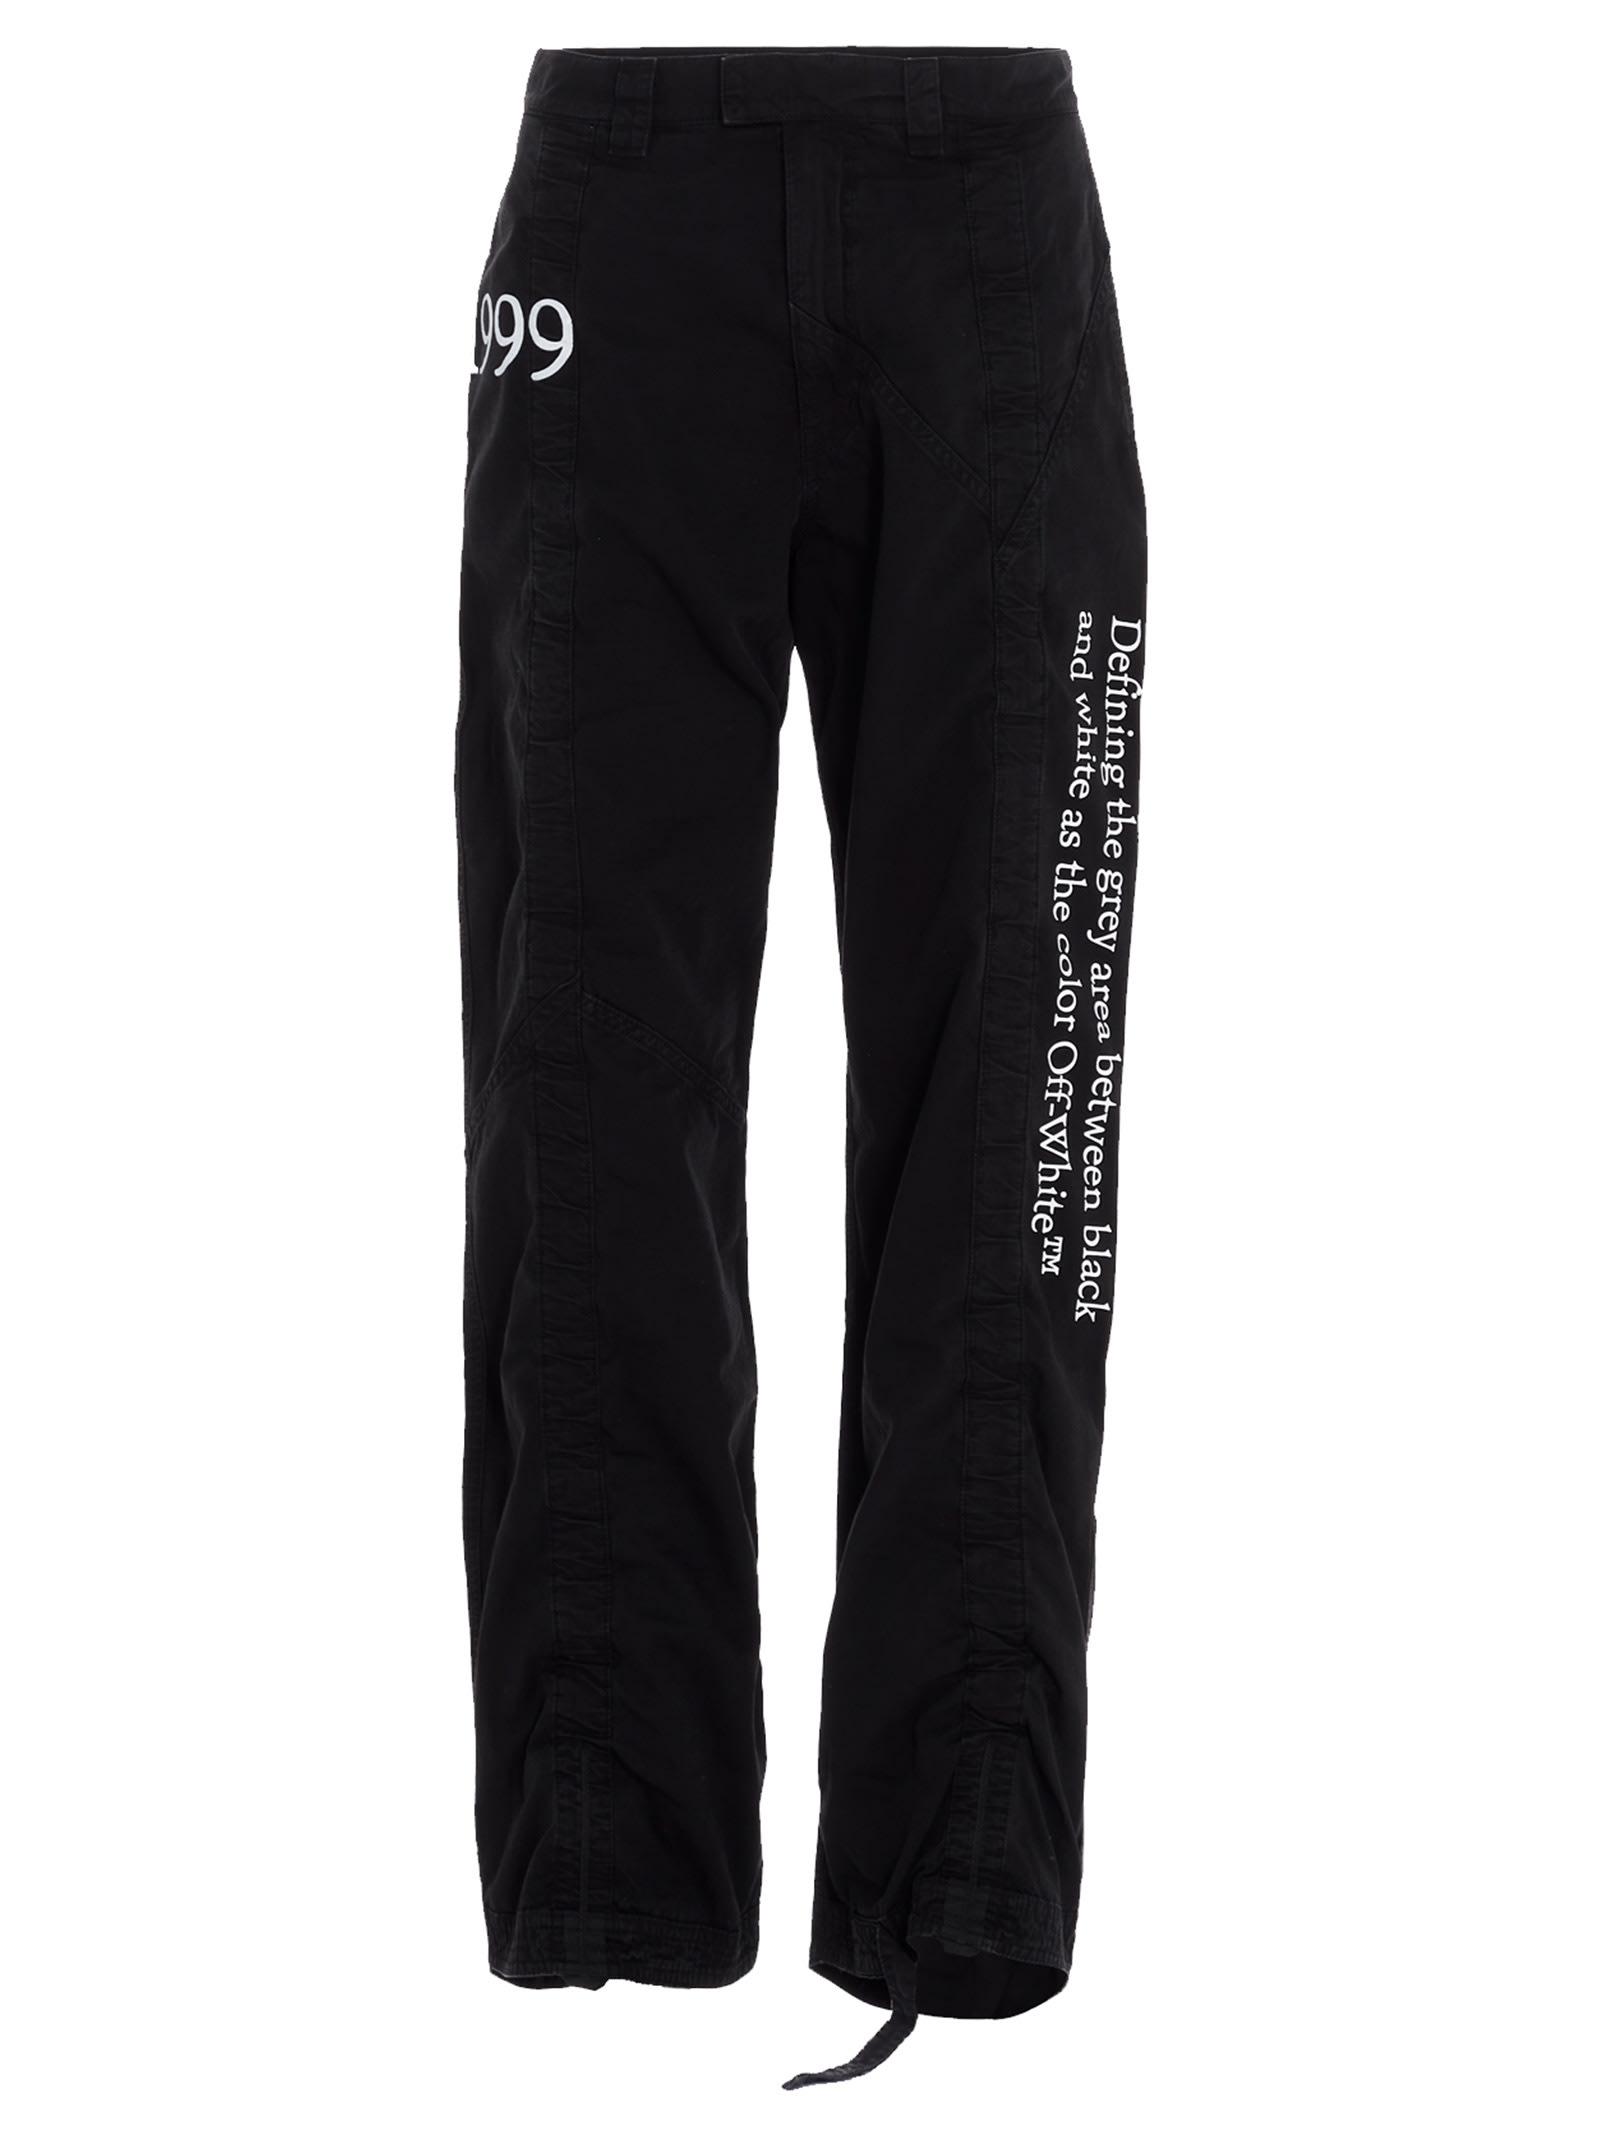 Off-white 1999 Contour Pants